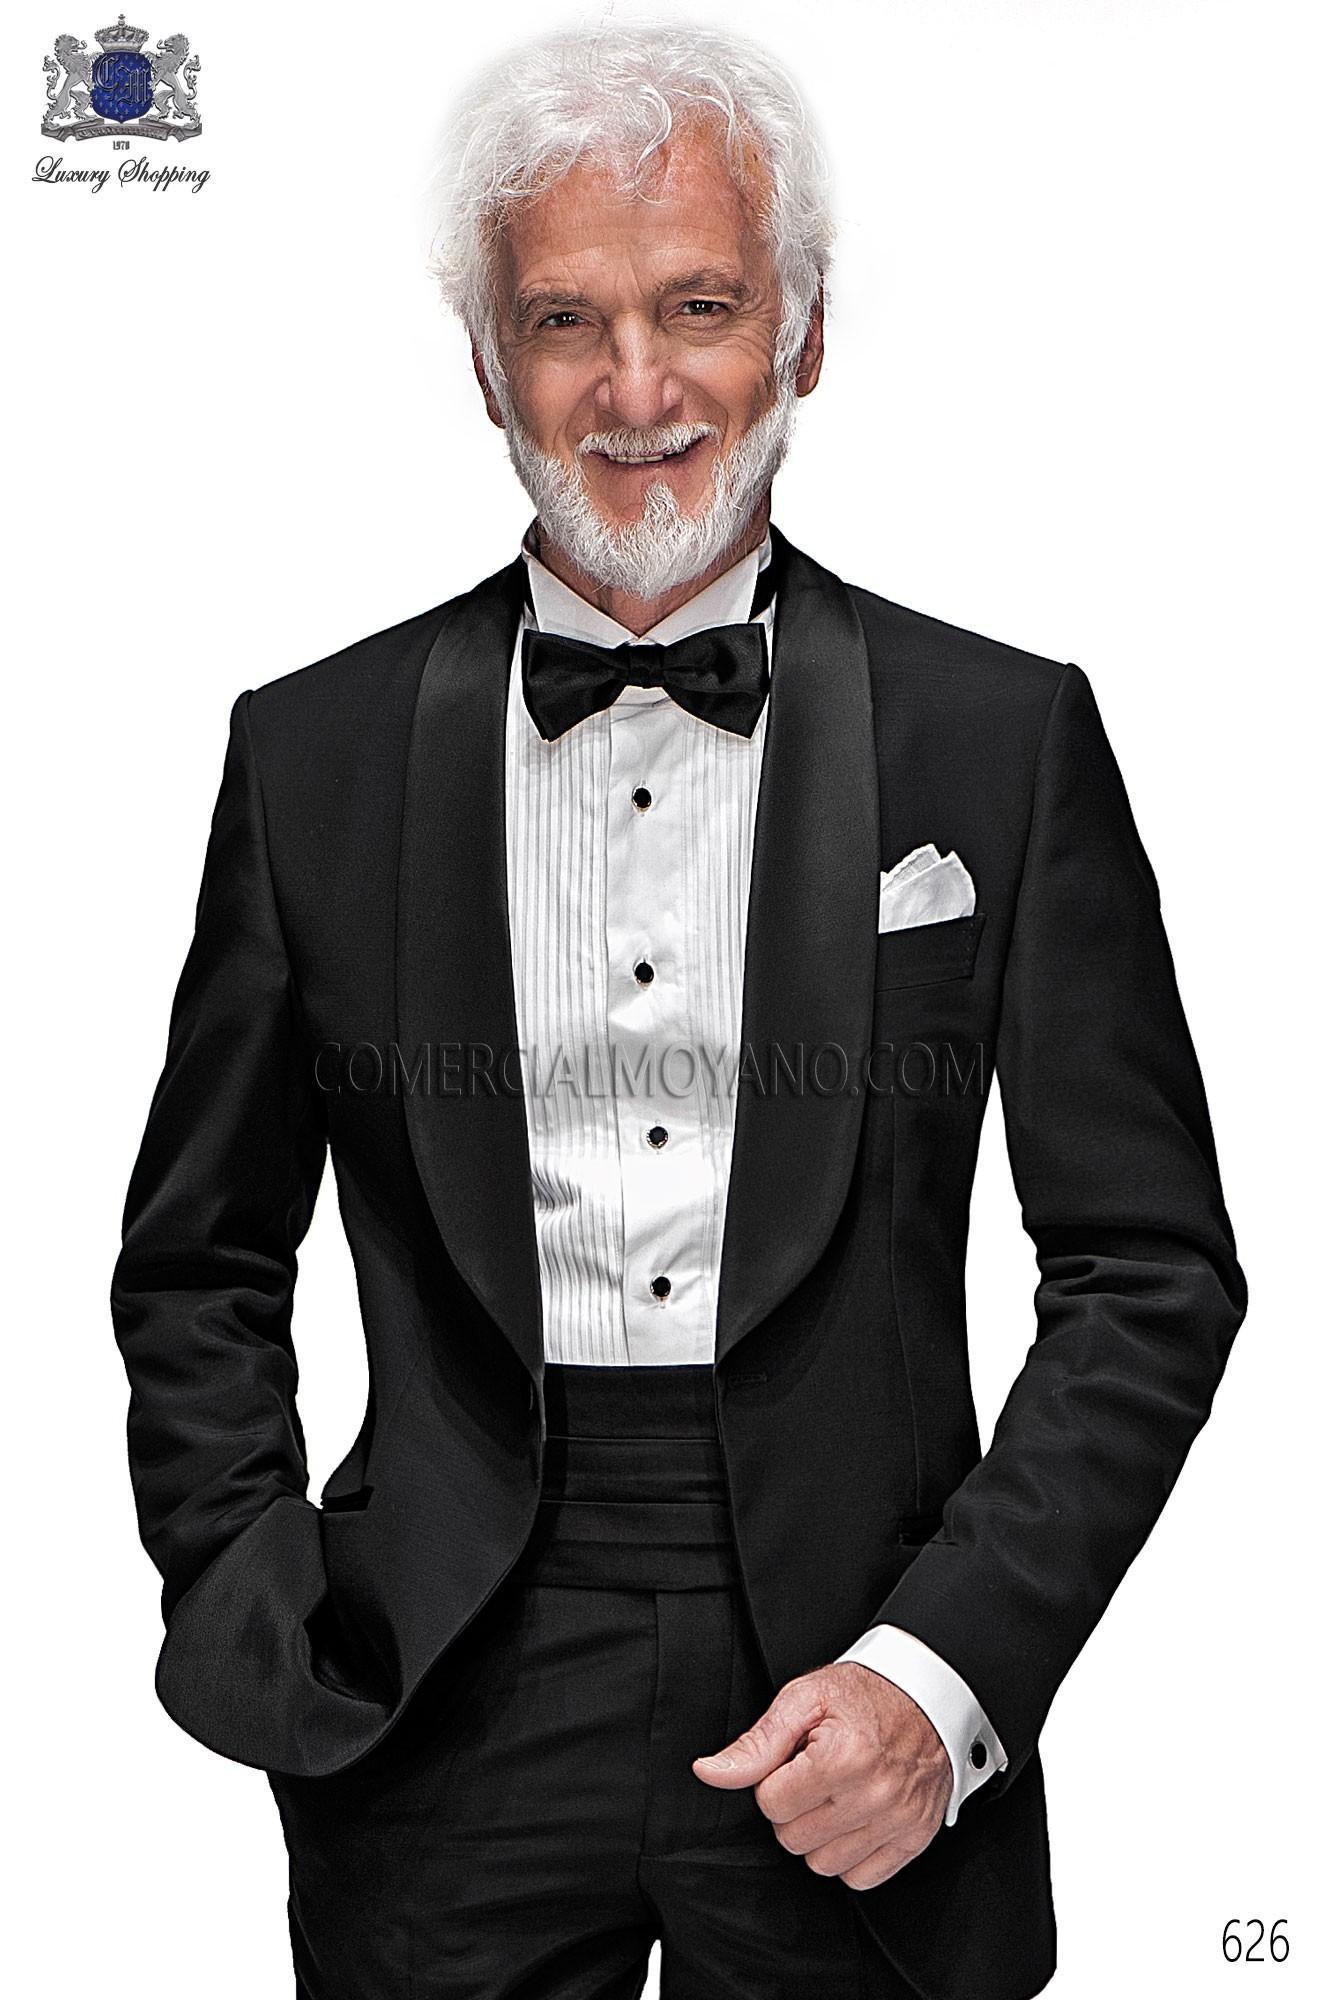 Traje BlackTie de novio negro modelo: 626 Ottavio Nuccio Gala colección Black Tie